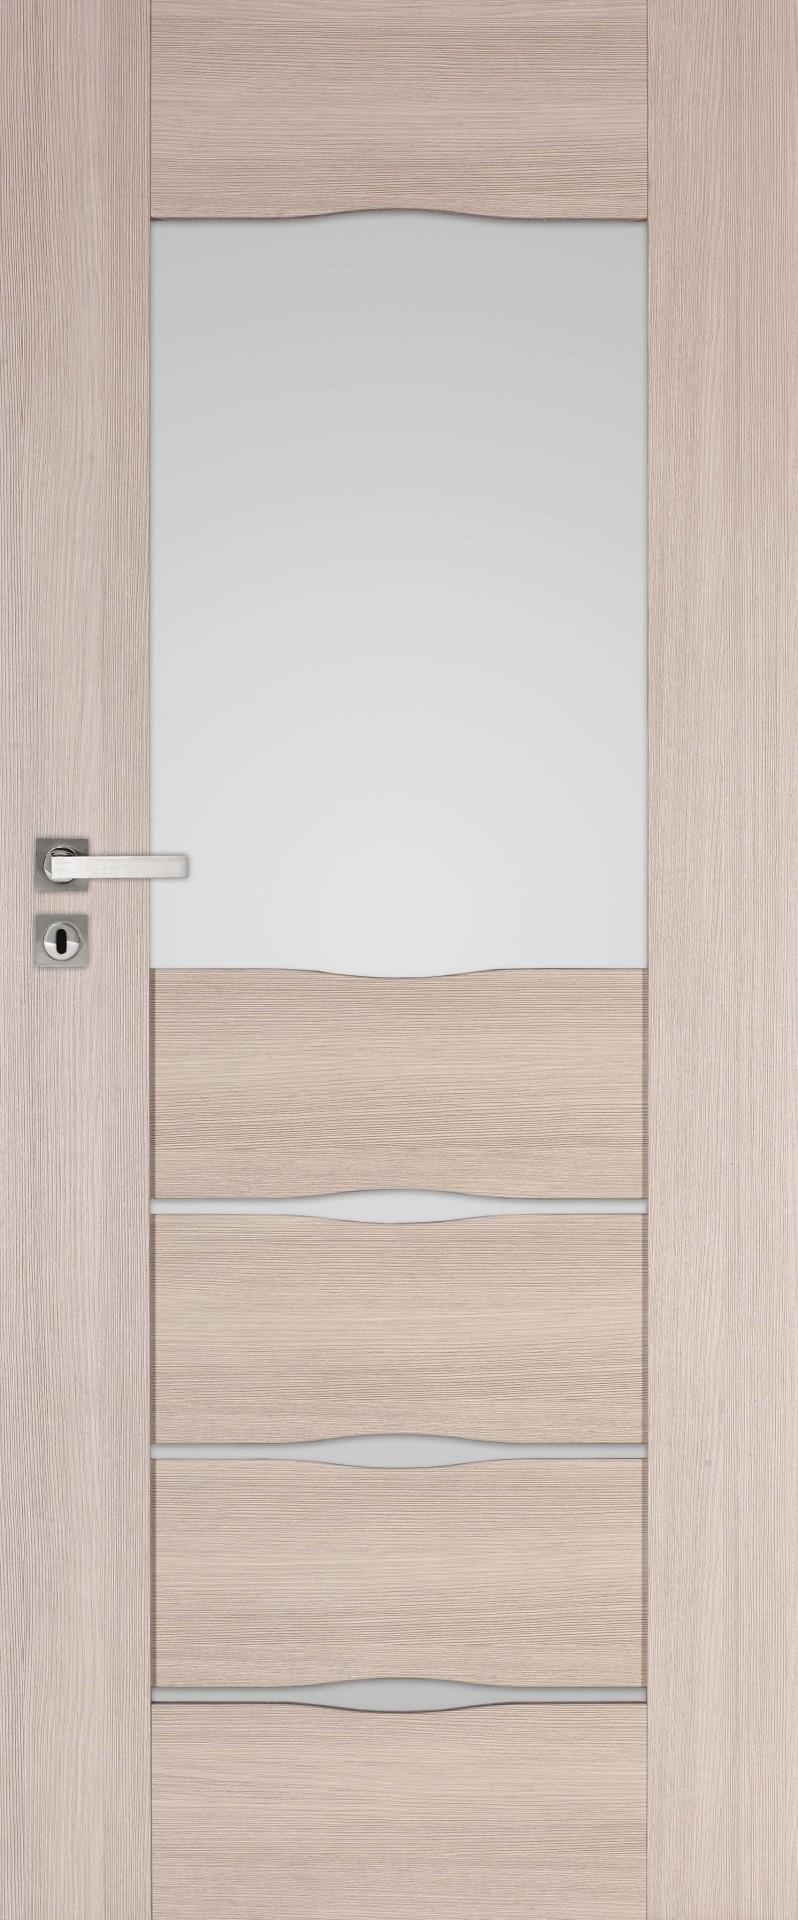 Dre dveře VERANO 2, Šíře v cm 80